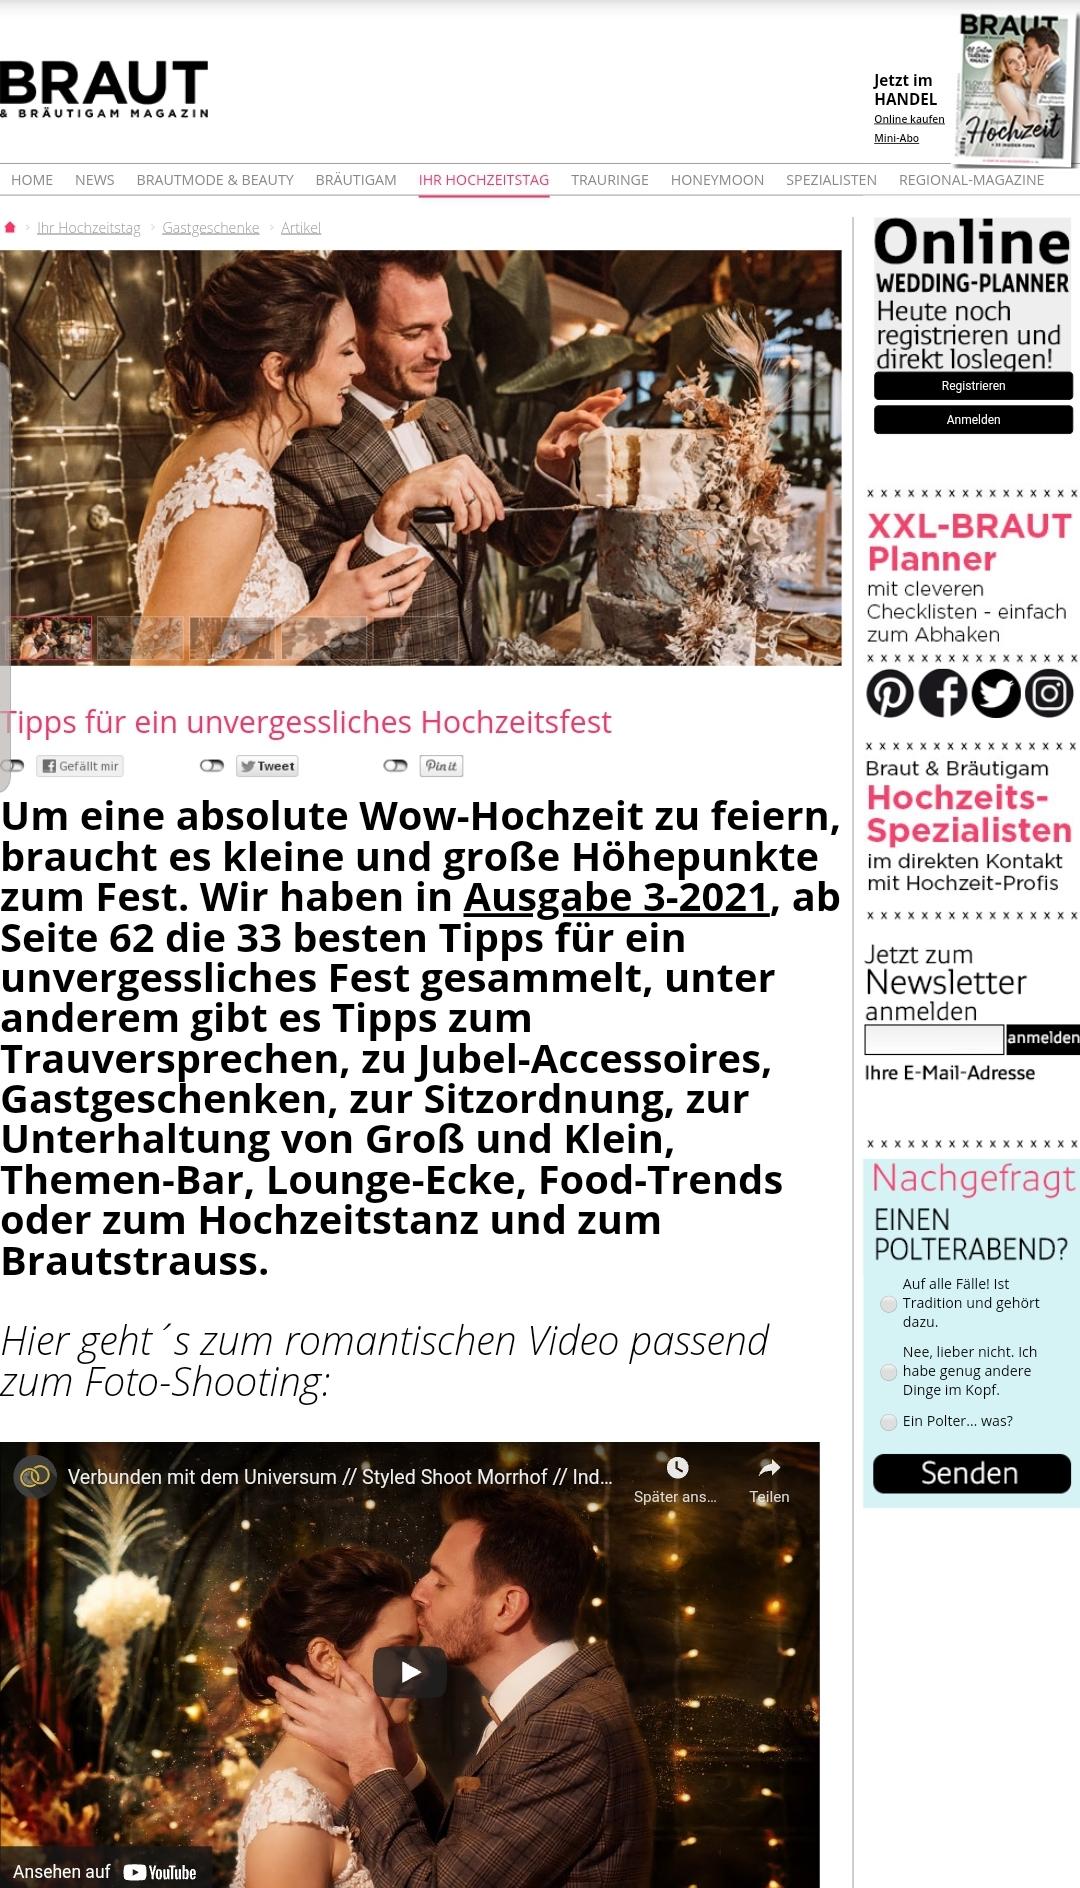 Brautfrisur und Braut Make-up von katharina Palzer aus Mainz  Wiesbaden Frankfurt / Braut Magazin / Brautstyling mit Homeservice / Hochsteckfrisuren und Braut Make-up  www.brautstyling-palzer.de